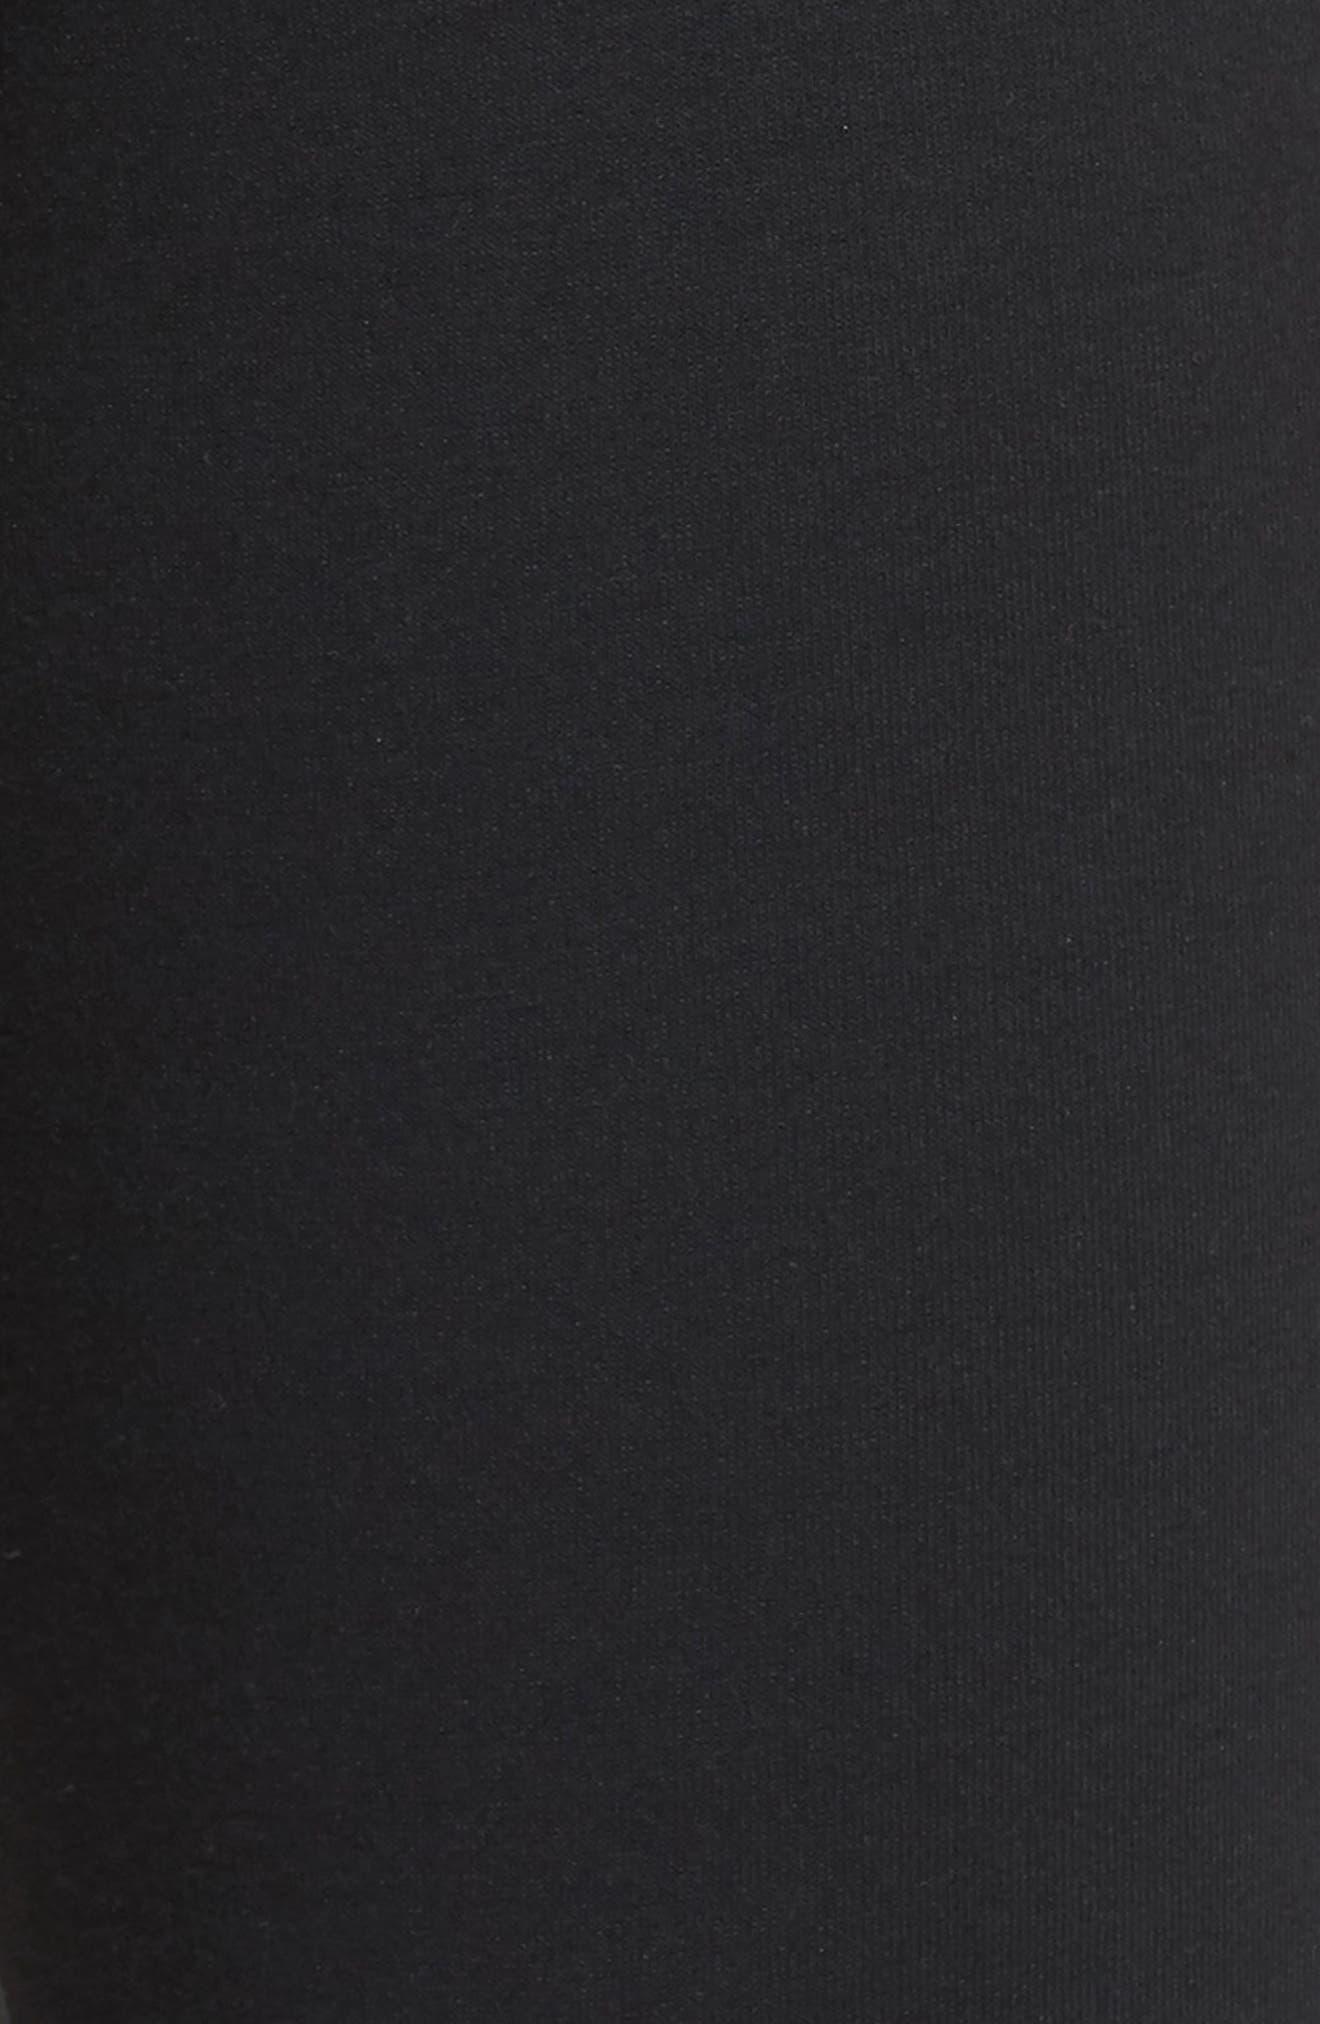 Banda Zeggins Slim Fit Sweatpants,                             Alternate thumbnail 6, color,                             005